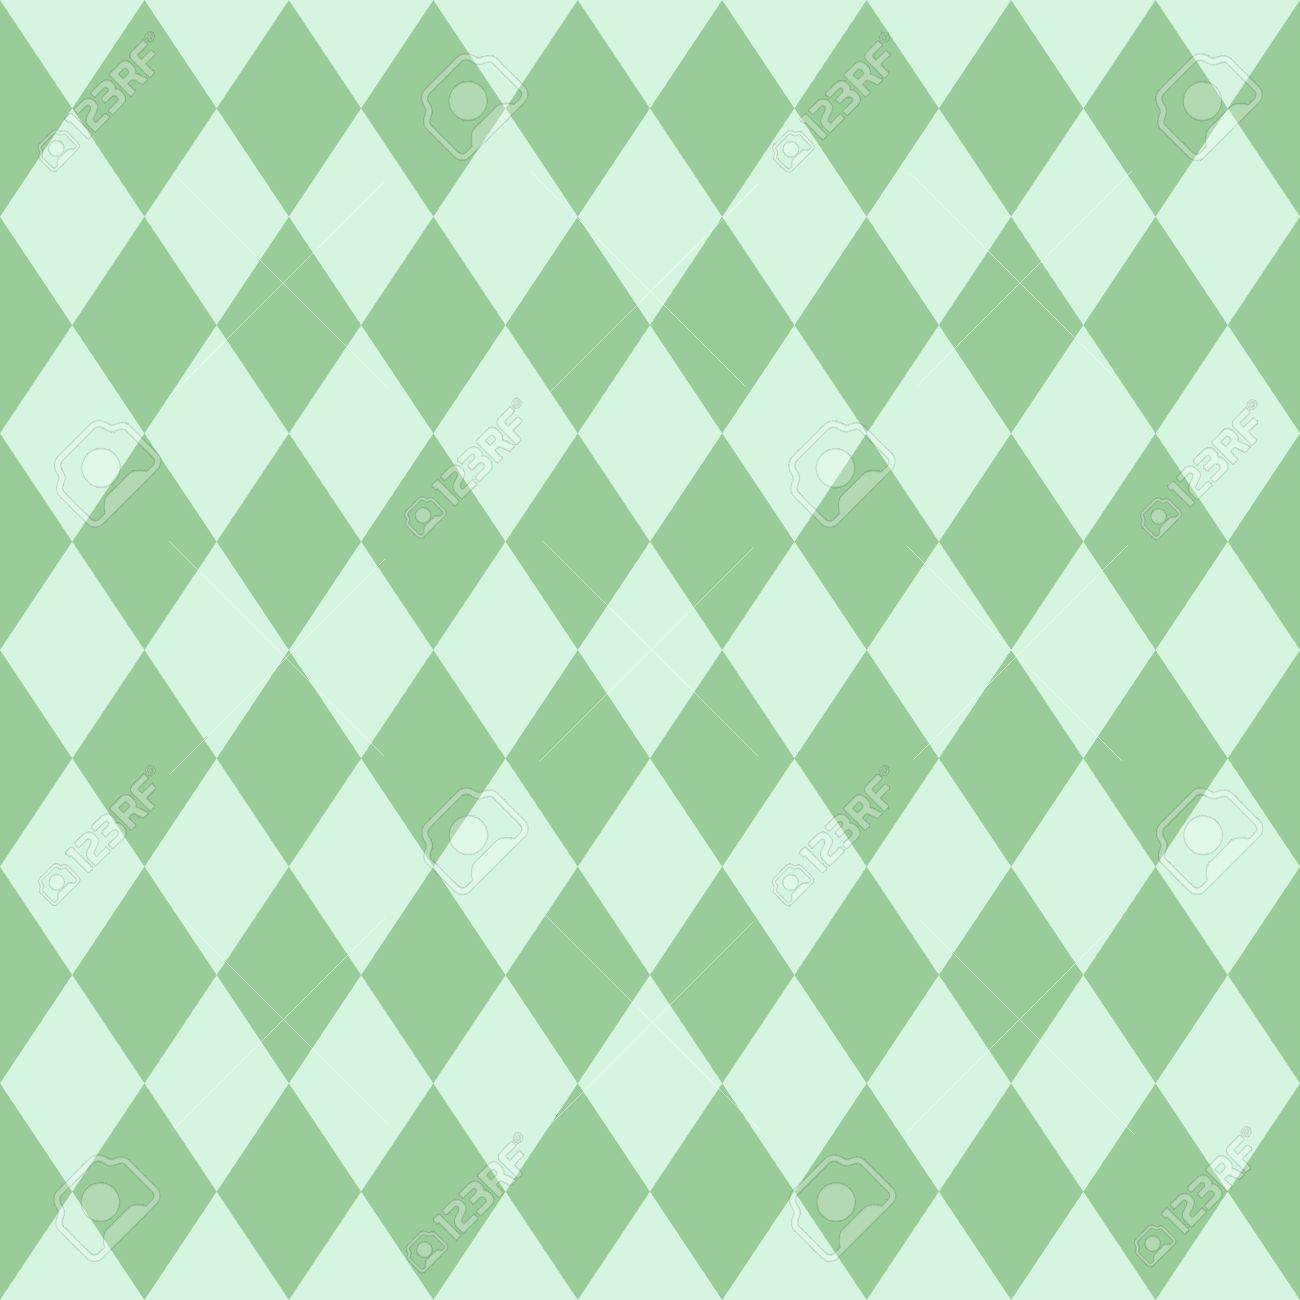 タイルのパターンやミント グリーンの壁紙の背景のイラスト素材